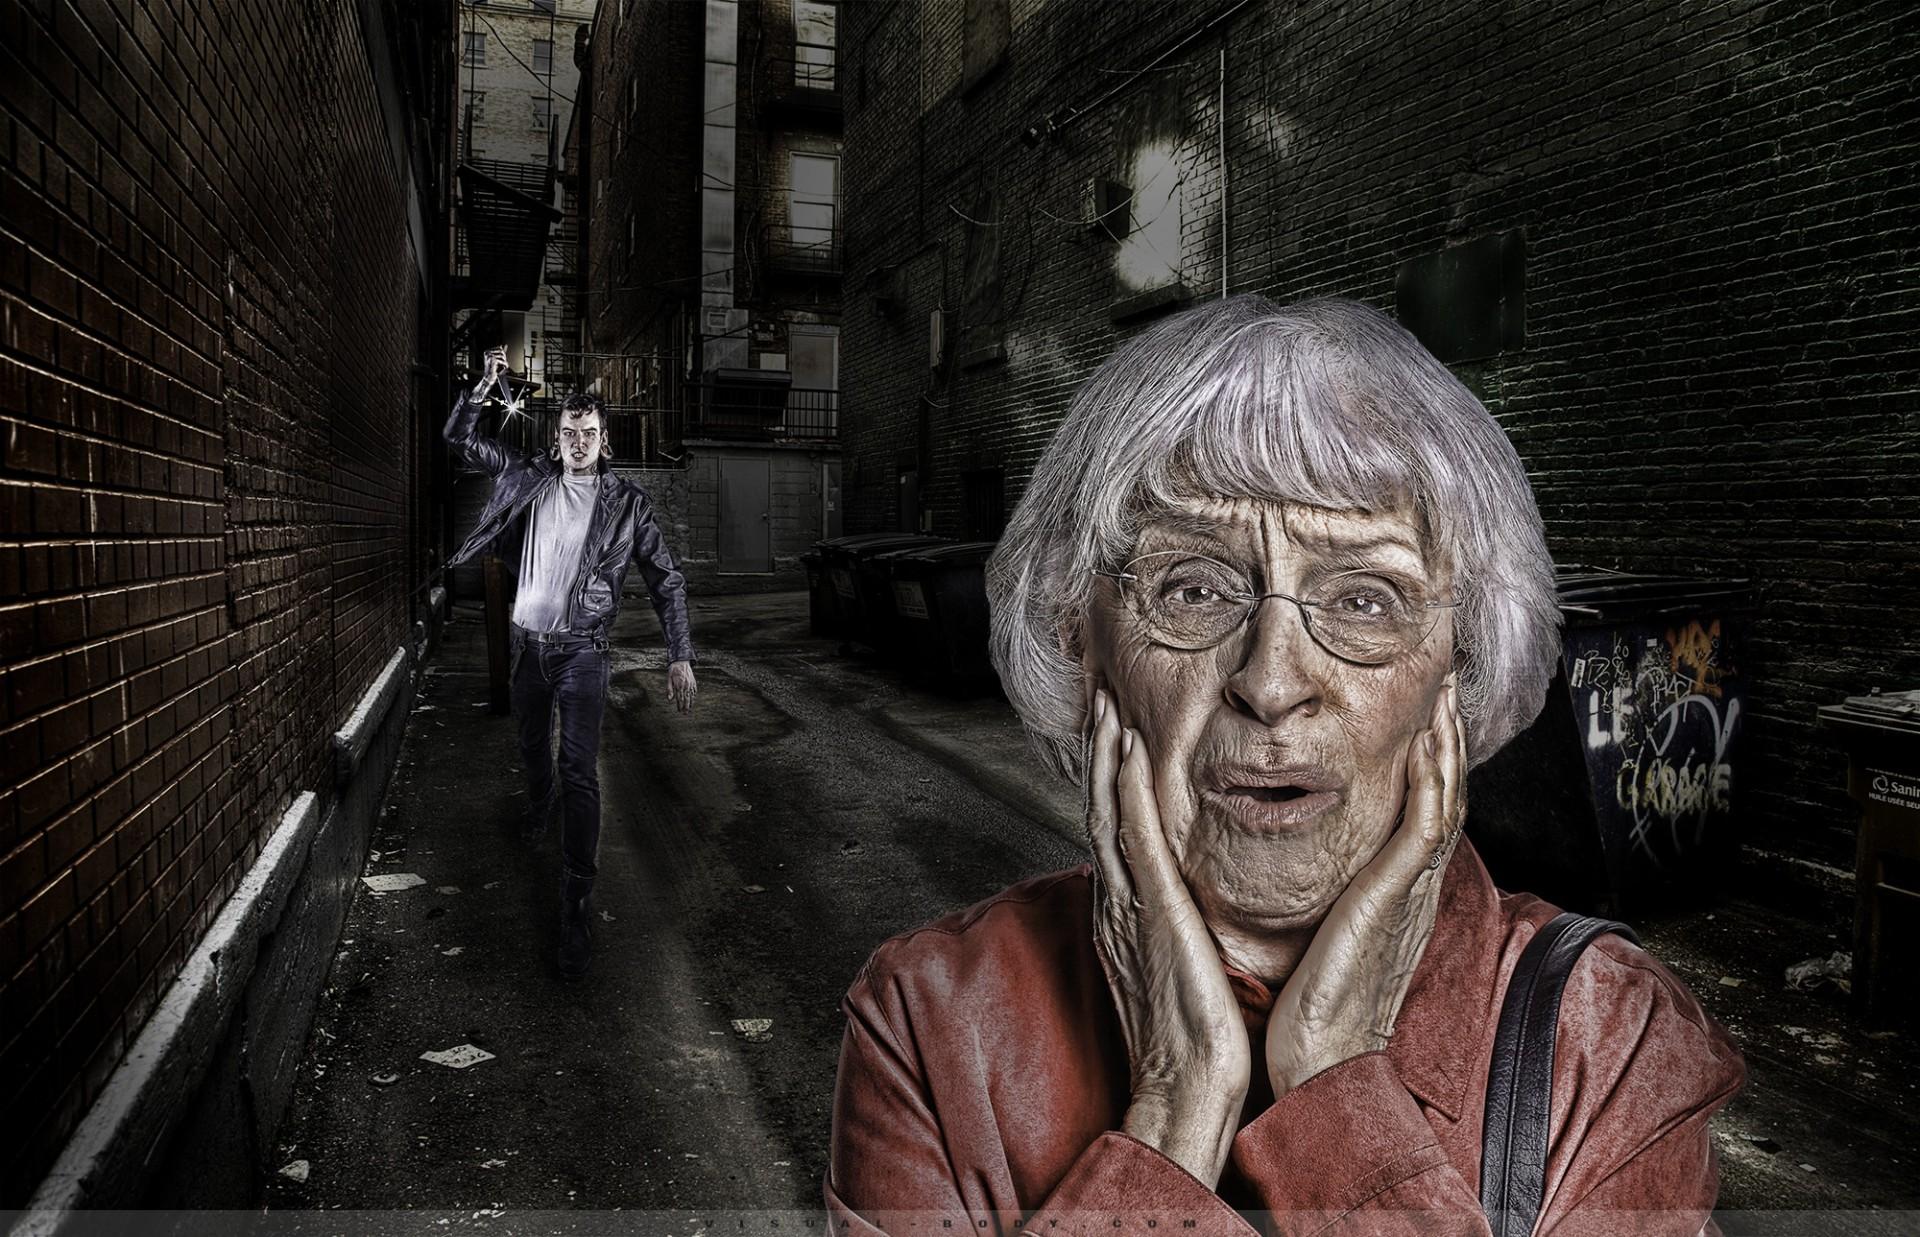 Urban Life II - L'attaque dans la ruelle